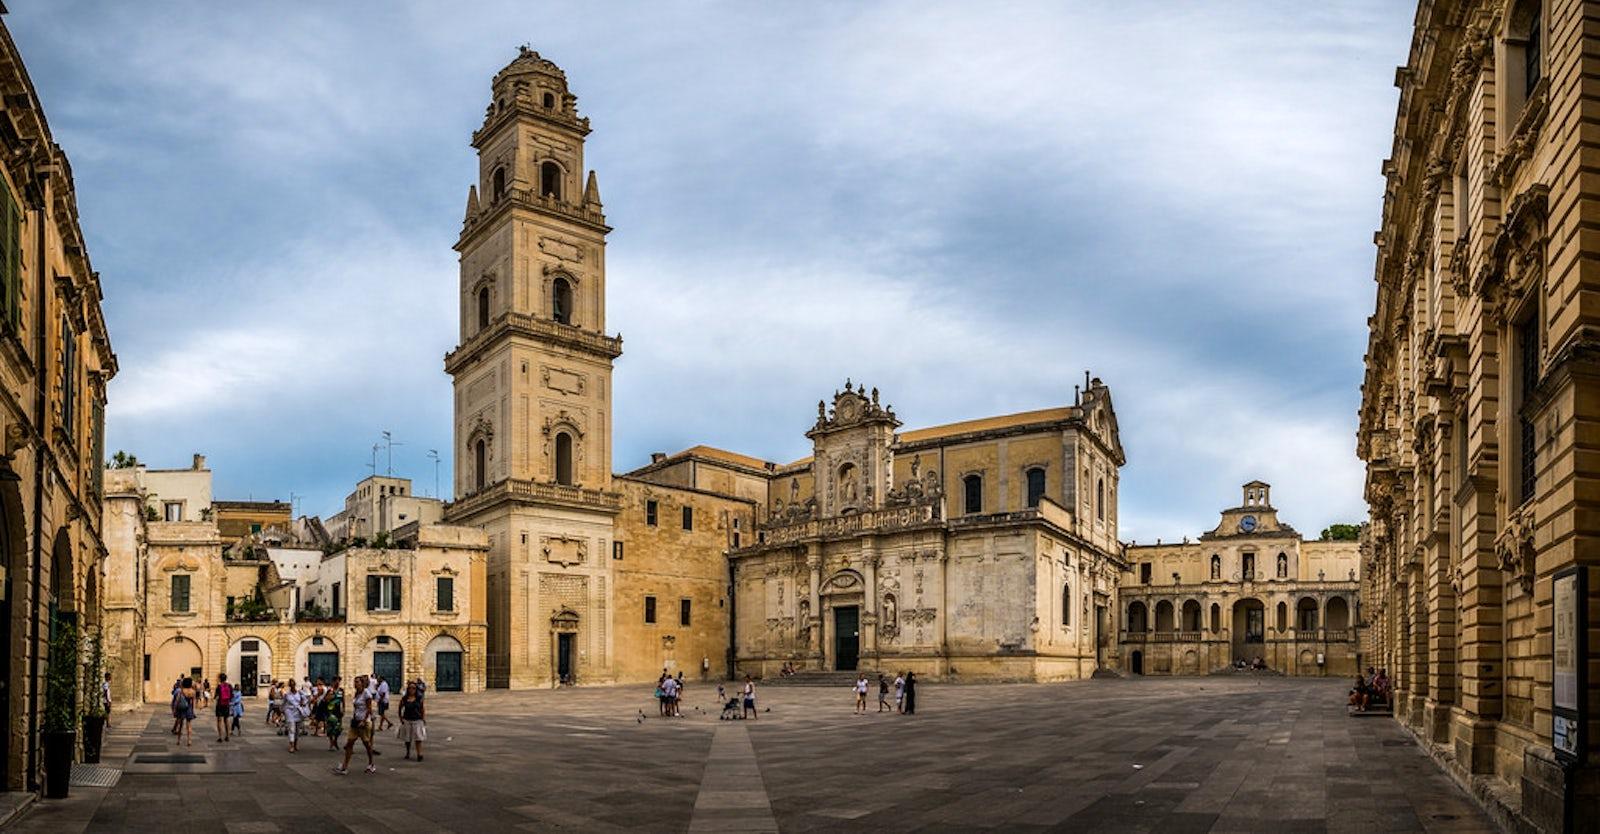 Architetti Famosi Lecce piazze in italia: piazza del duomo, lecce